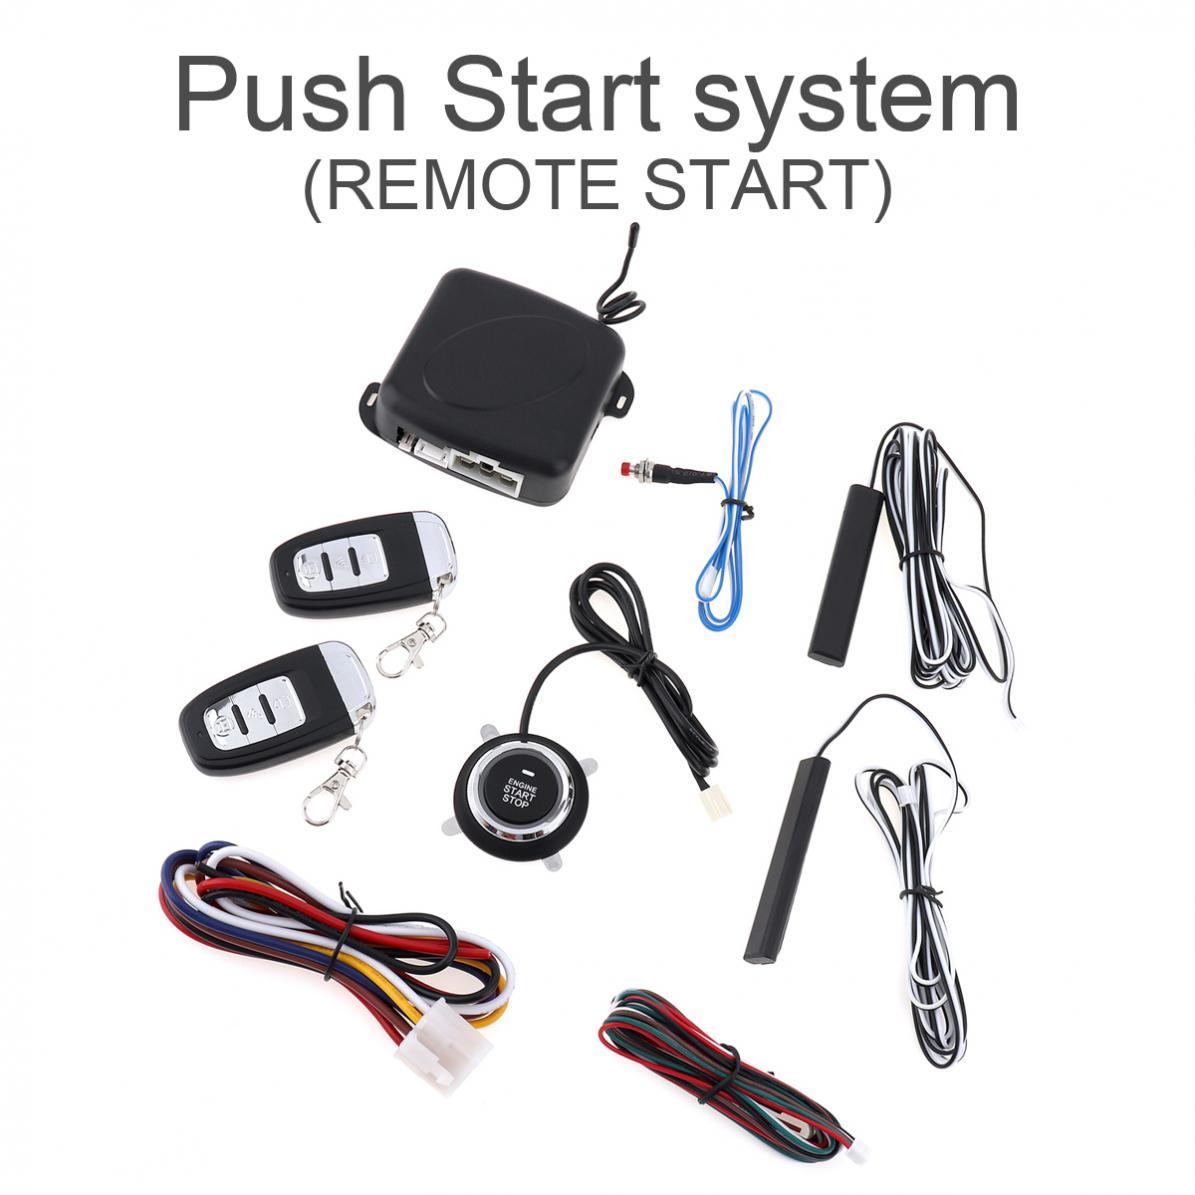 Alarme voiture intelligente moteur Starline bouton poussoir démarrage arrêt RFID serrure interrupteur d'allumage système d'entrée sans clé démarreur système antivol